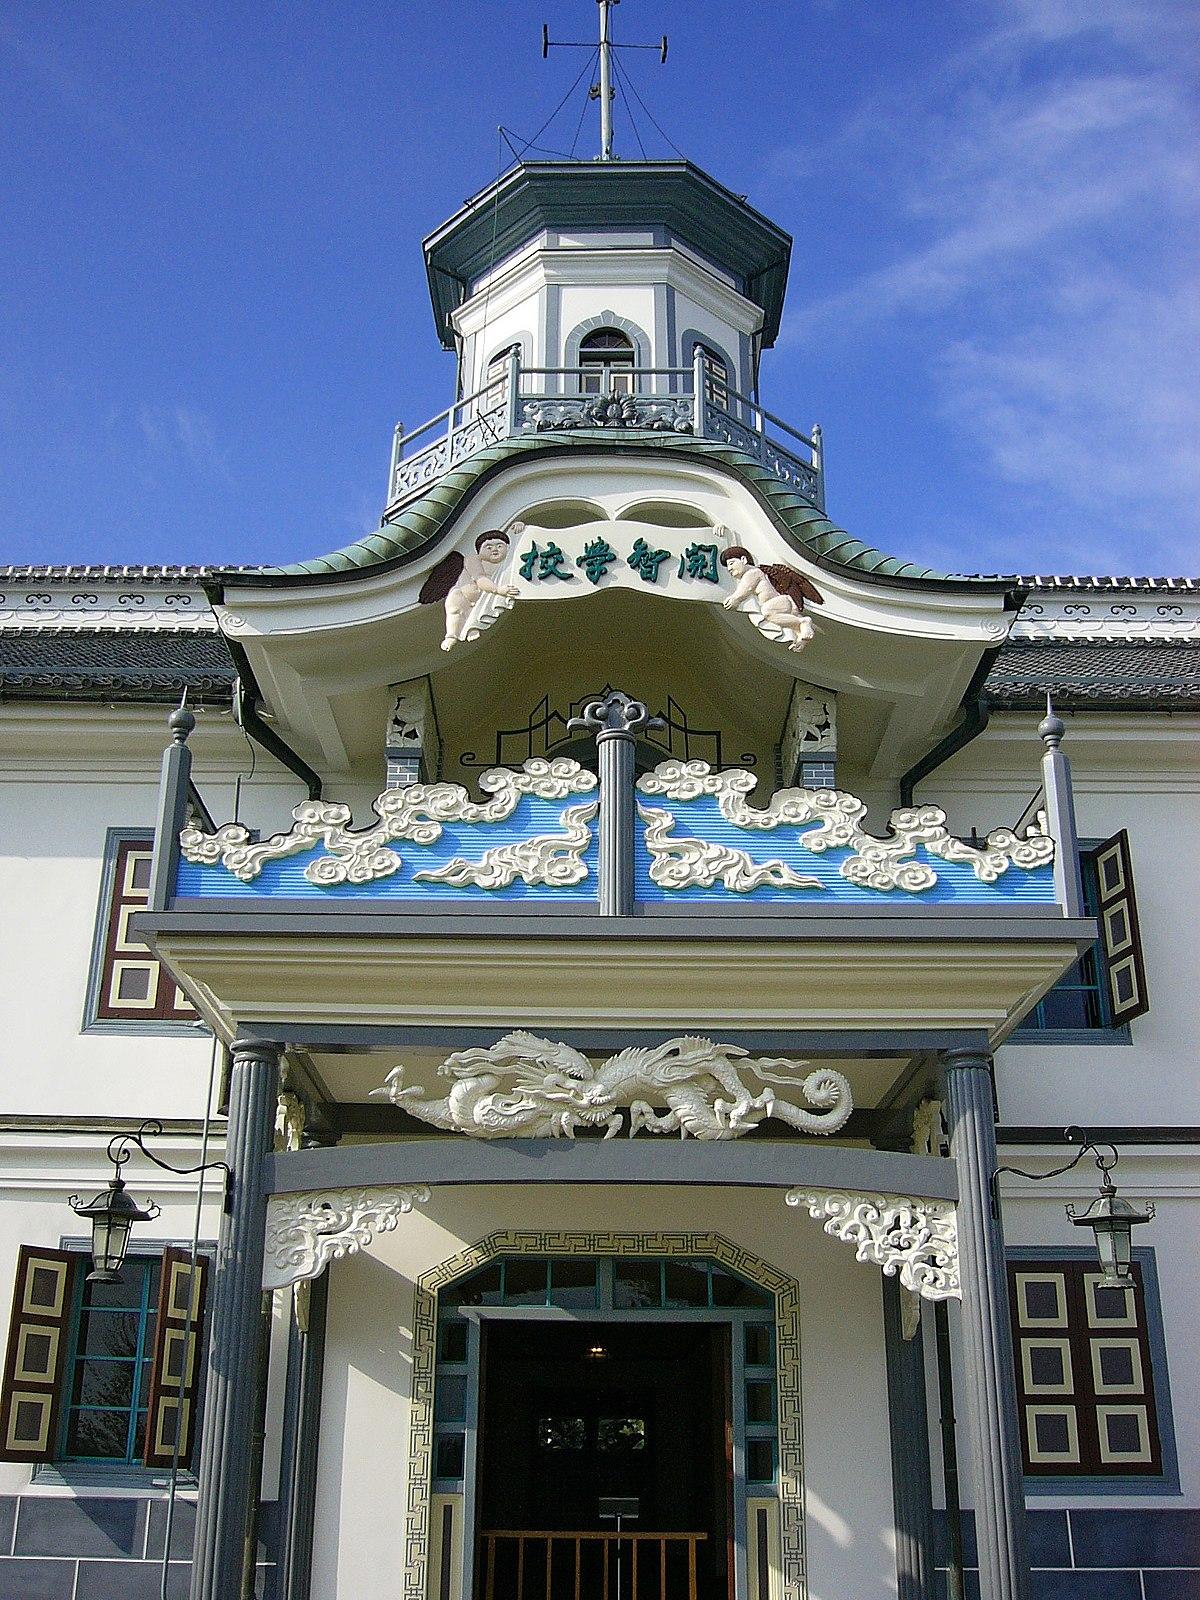 请求_擬洋風建築 - 维基百科,自由的百科全书